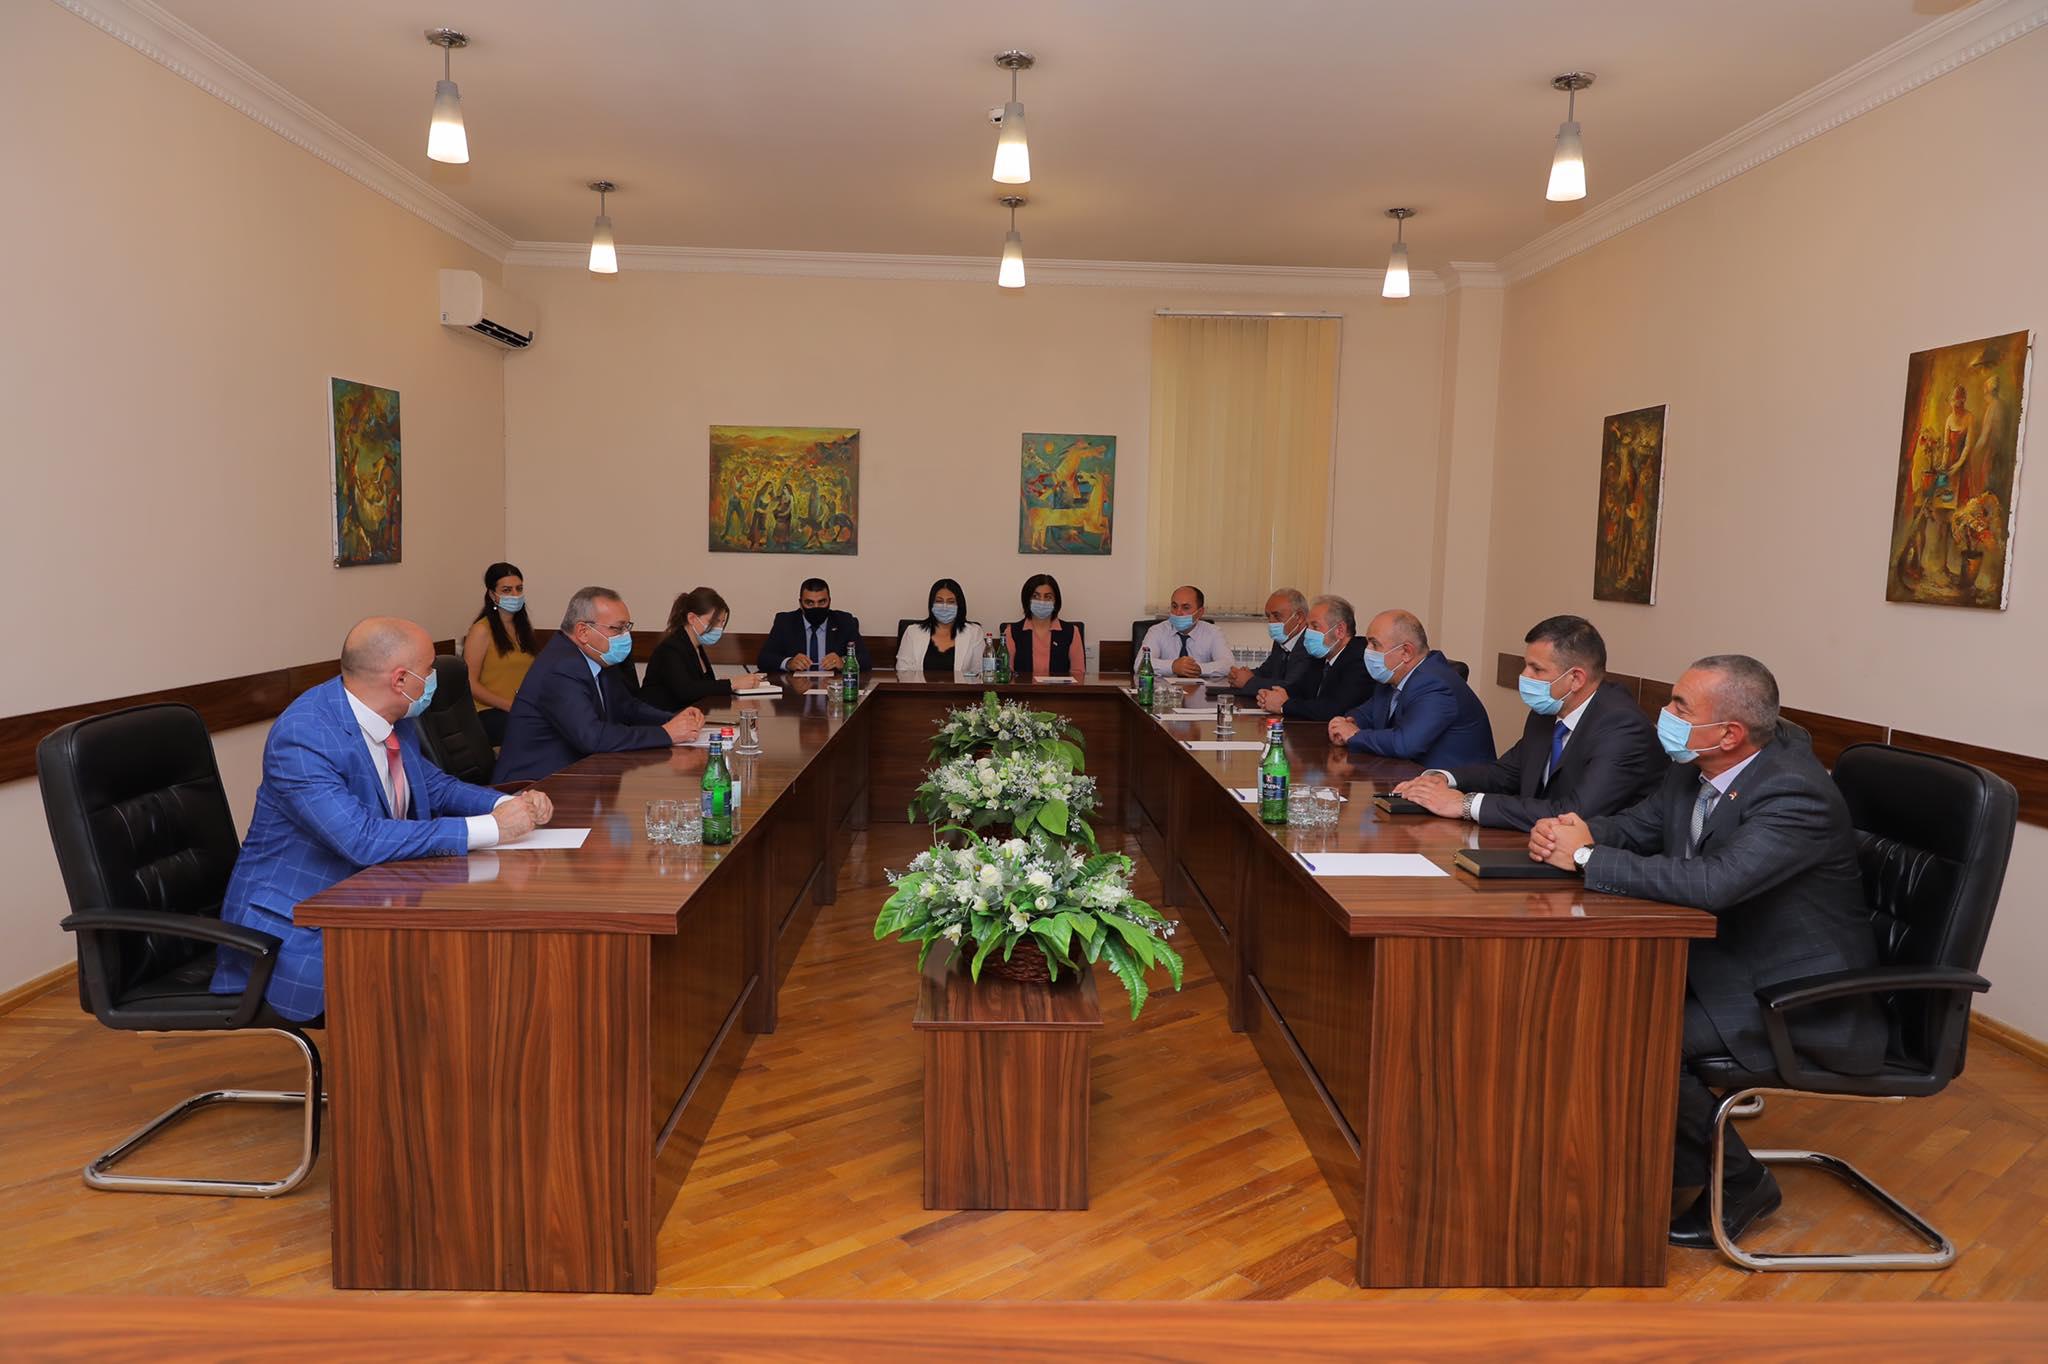 Photo of Արցախի ԱԺ նախագահը հանդիպել է Անվտանգության խորհրդի քարտուղար Սամվել Բաբայանի հետ